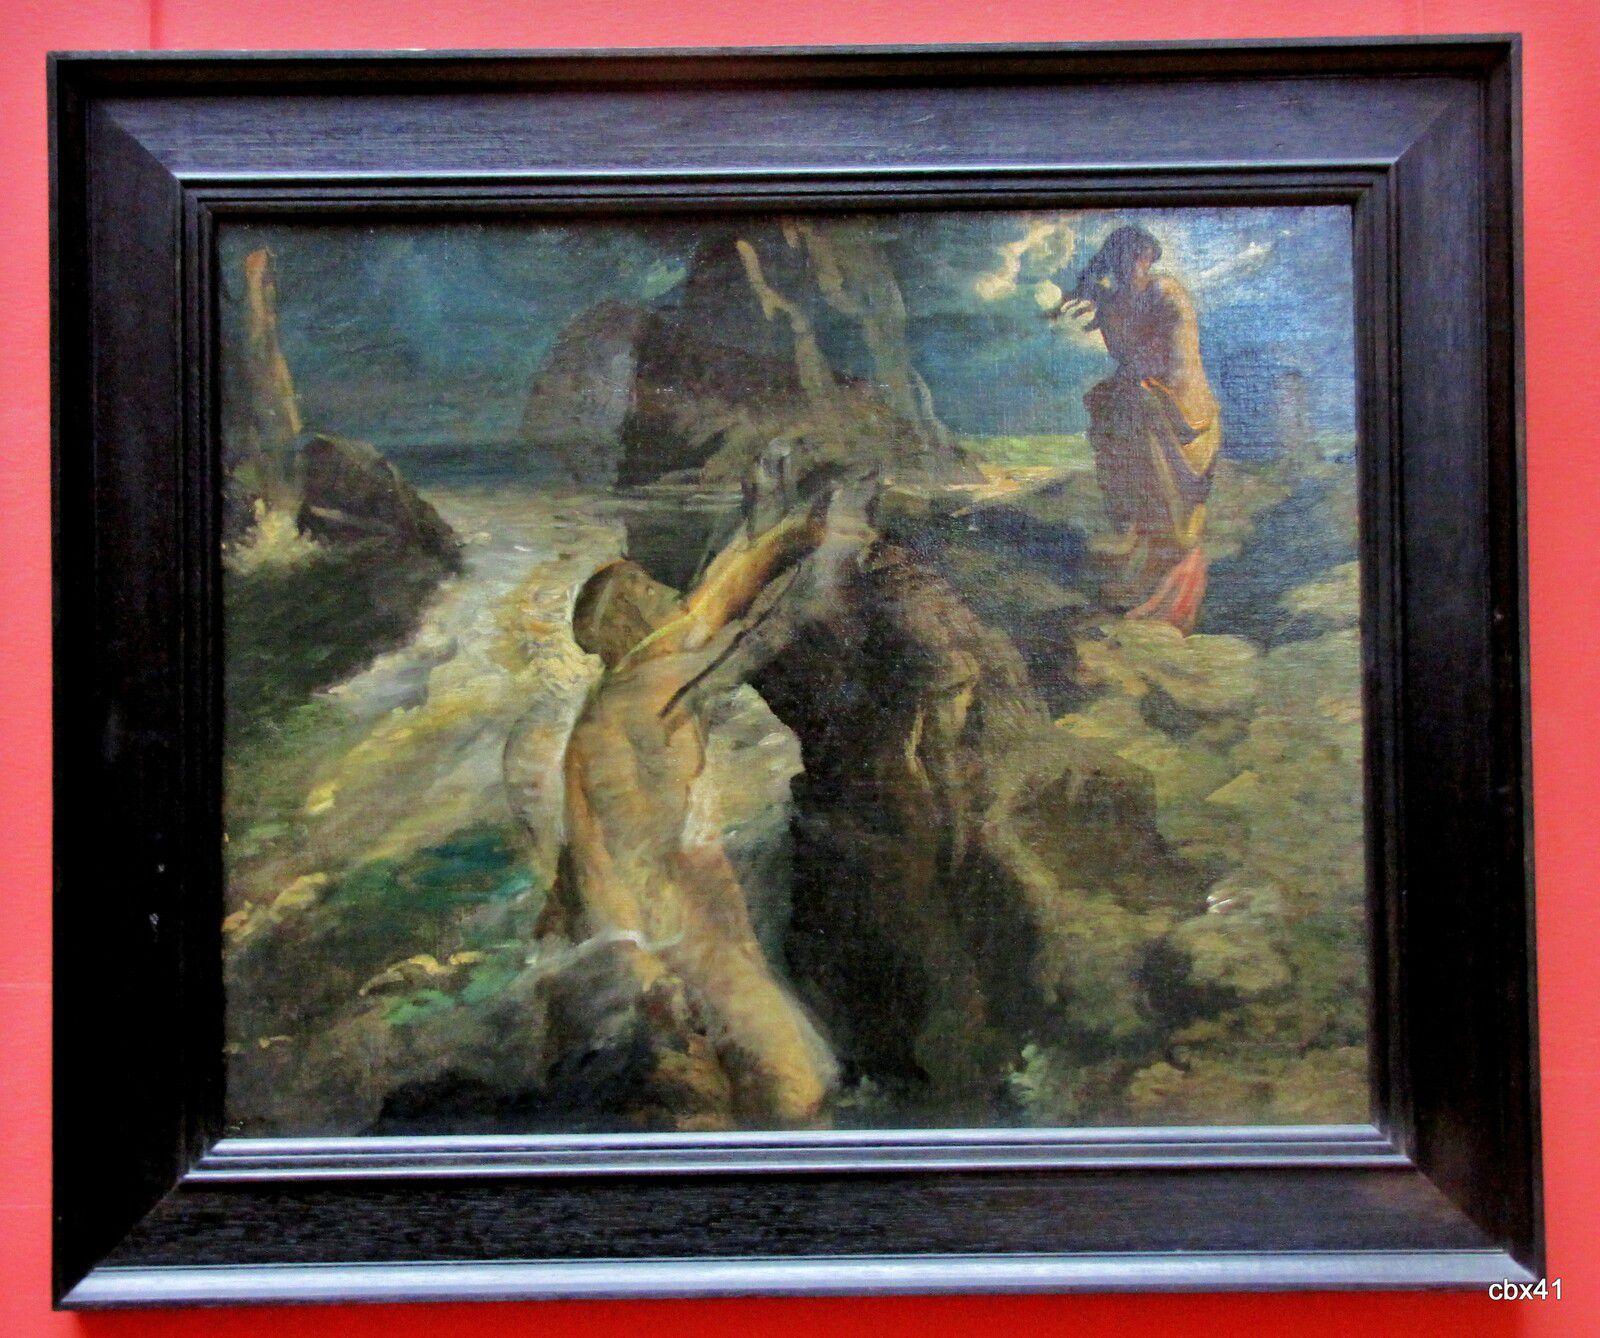 Théodore Chasseriau, Héro et Léandre (Le poète et la sirène)